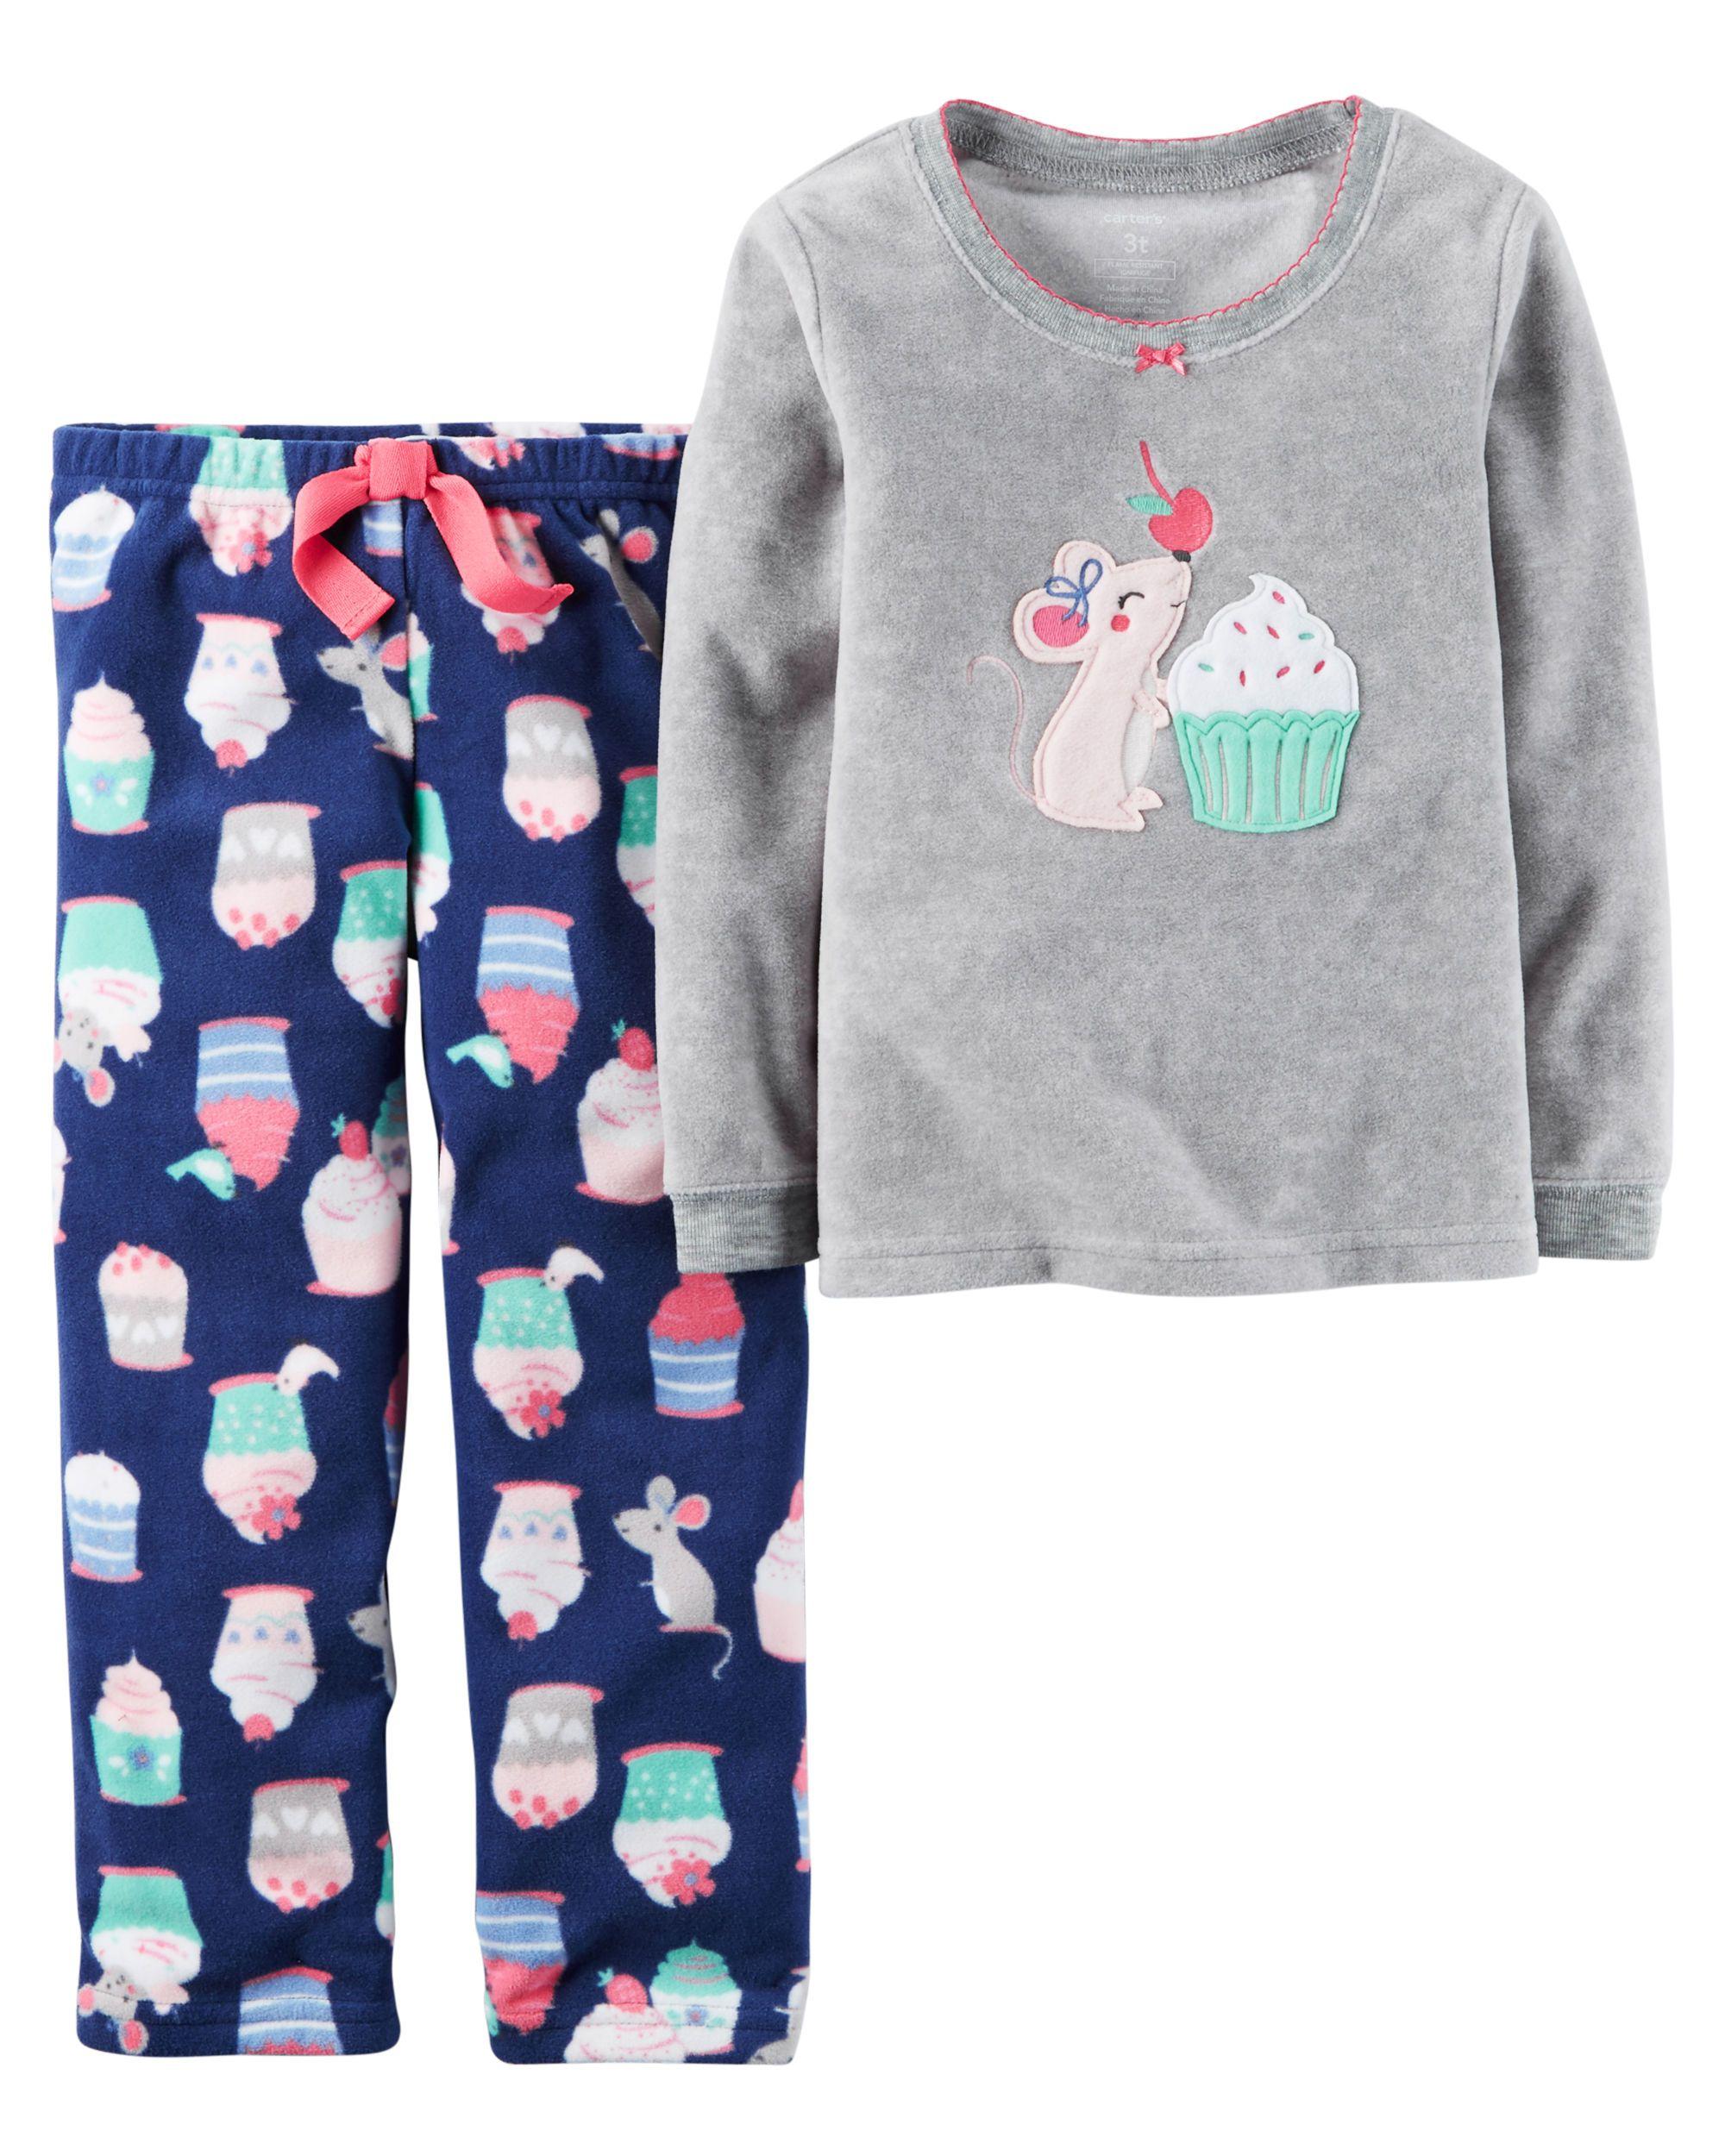 7891794a8 Baby Girl 2-Piece Cotton   Fleece PJs